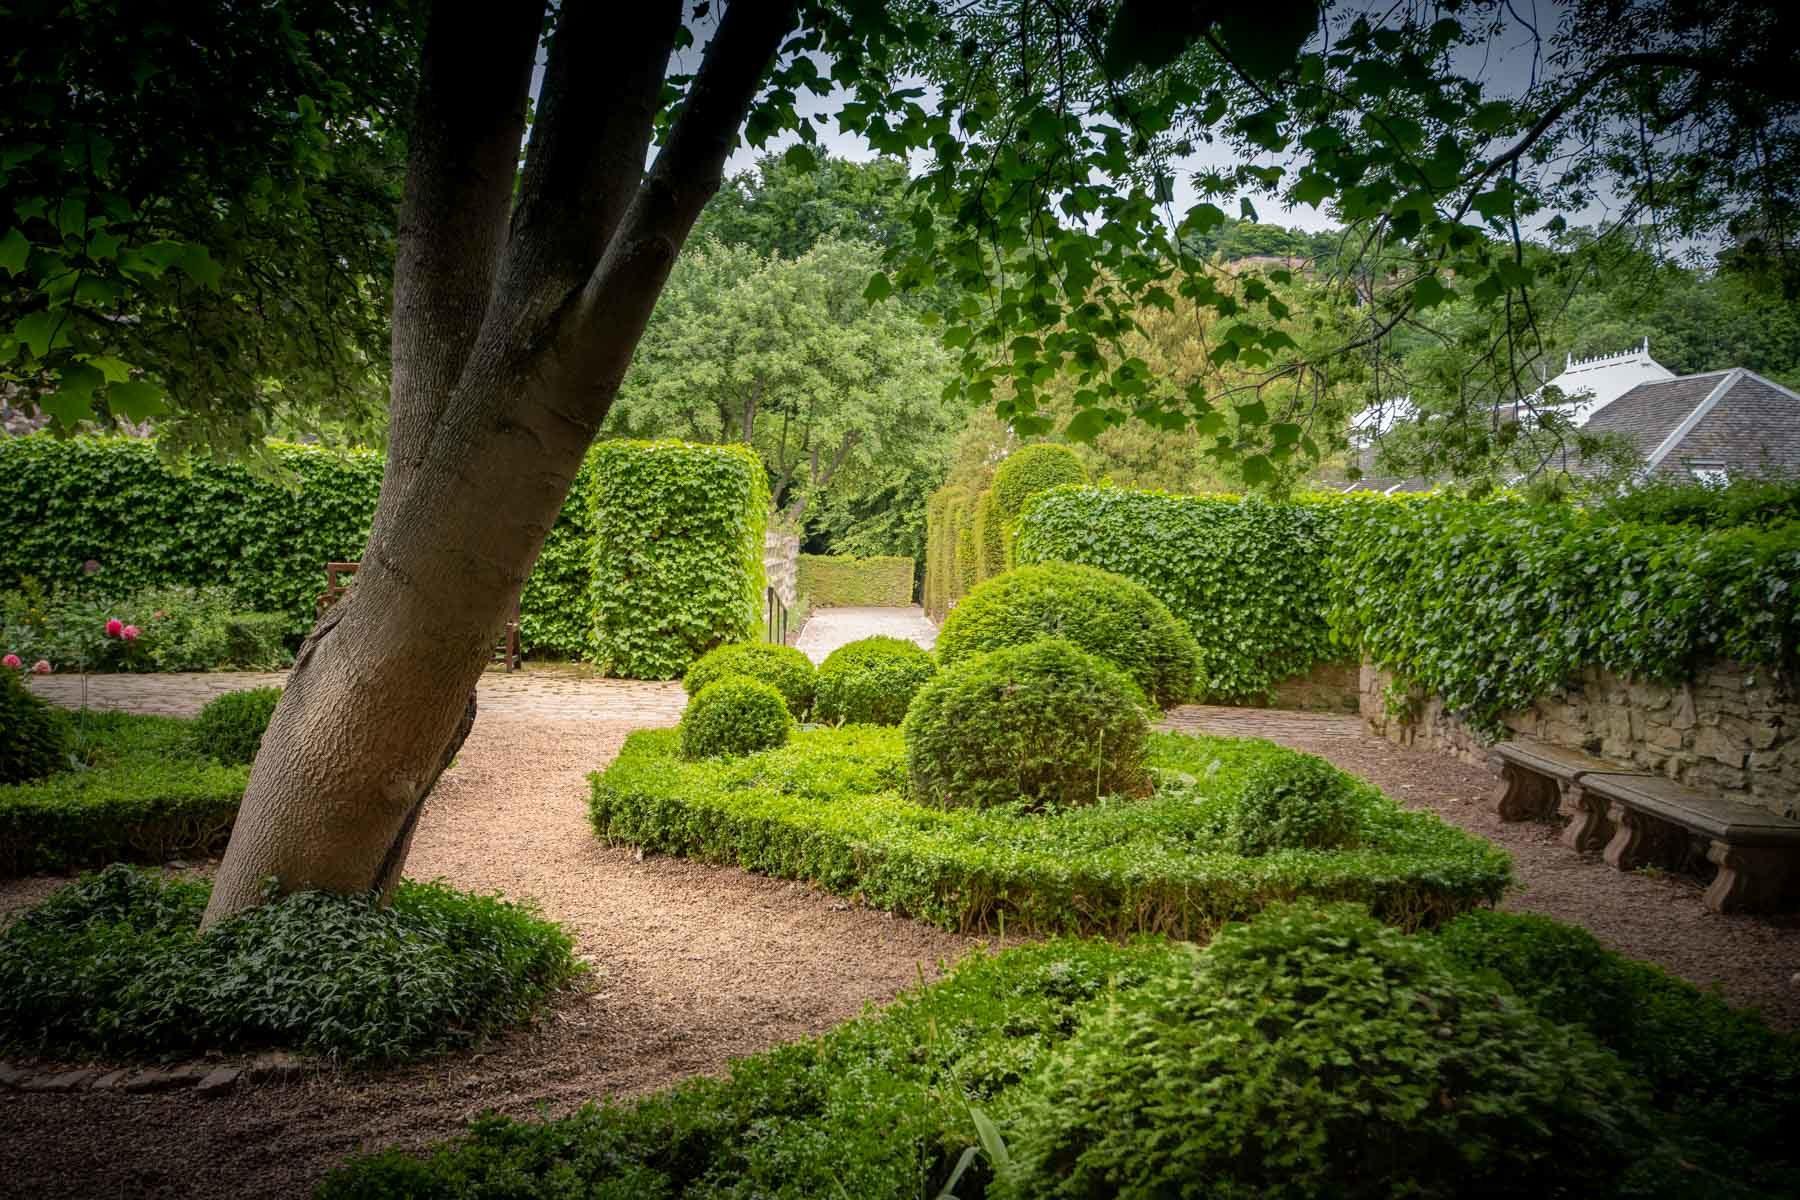 the-secret-garden-of-dunbars-close-sir-edwards-roadtrip